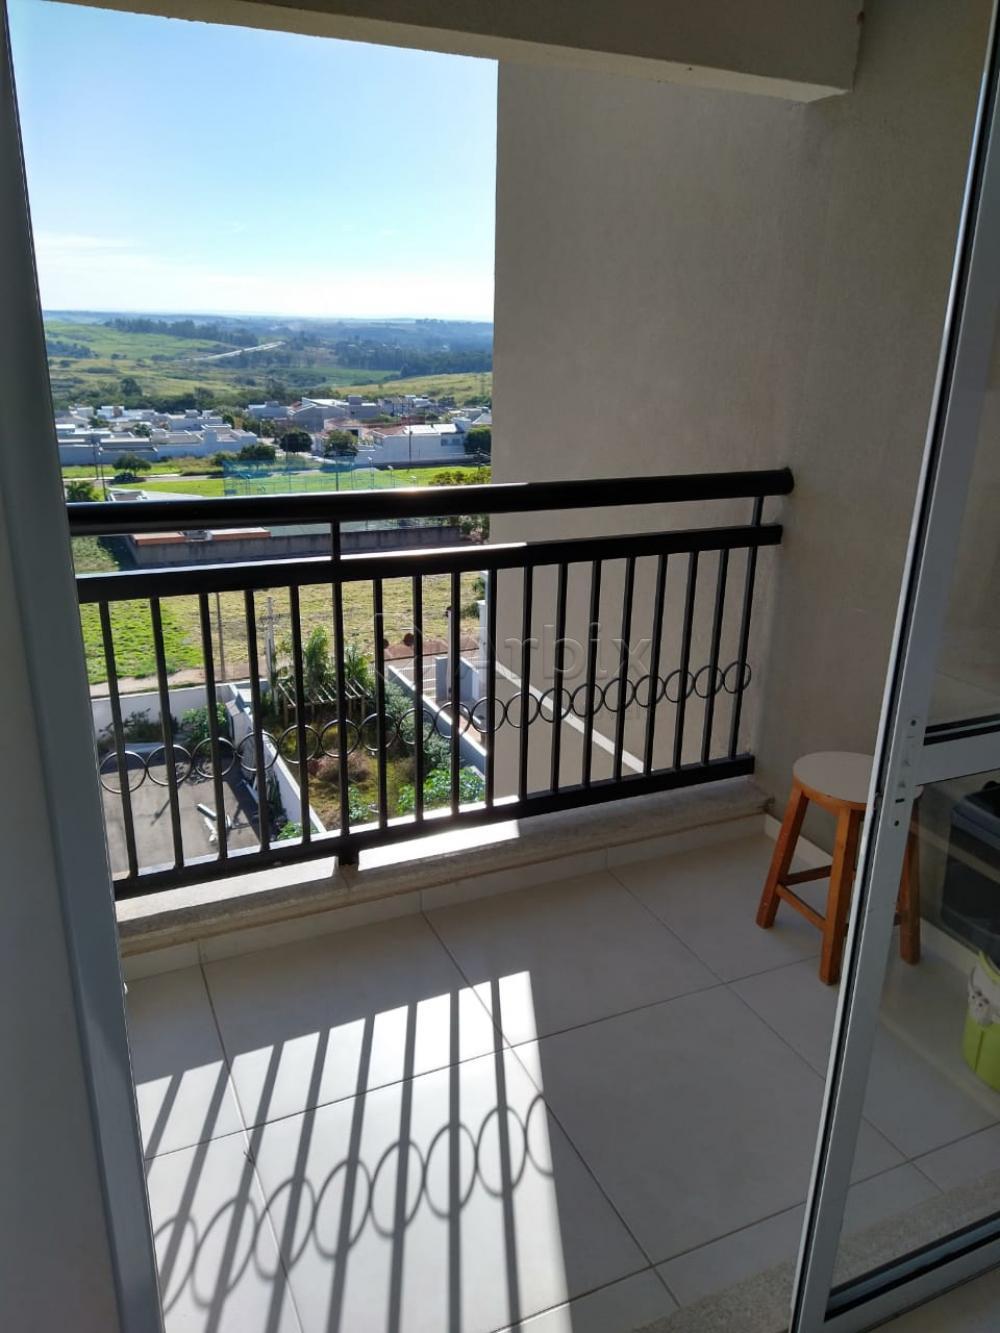 Comprar Apartamento / Padrão em Santa Bárbara D`Oeste R$ 320.000,00 - Foto 5